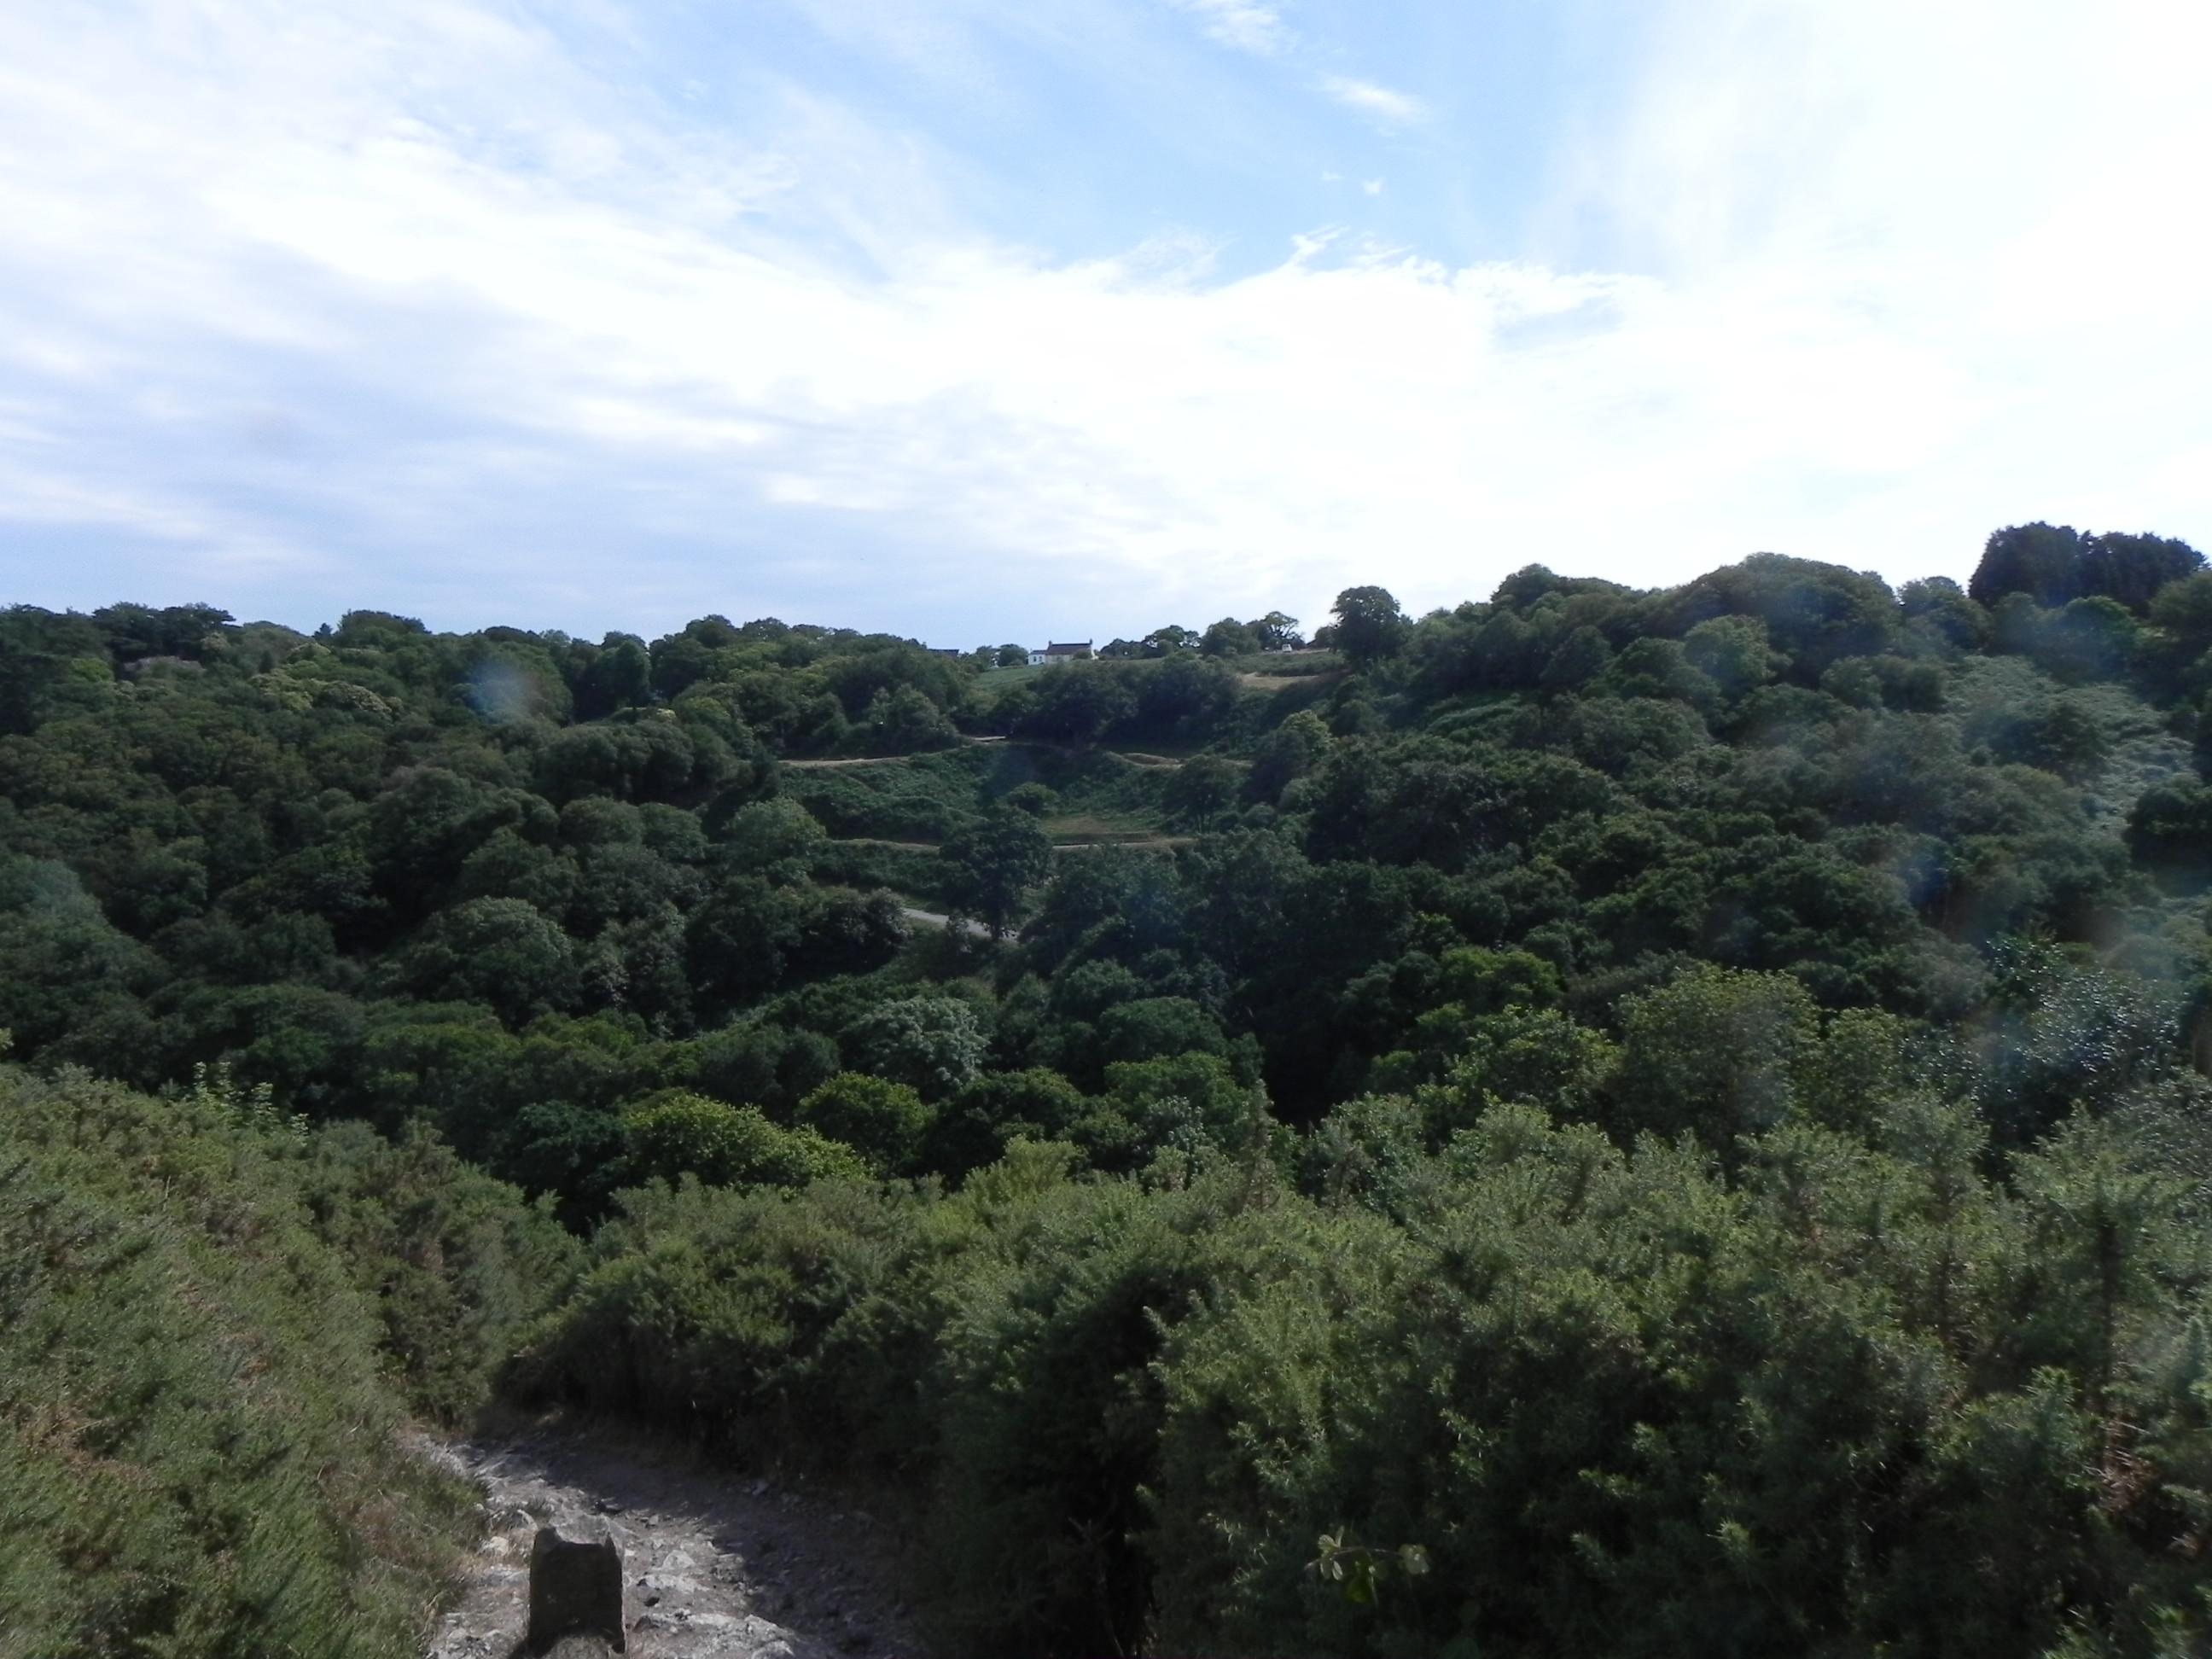 Schitterend bosgebied